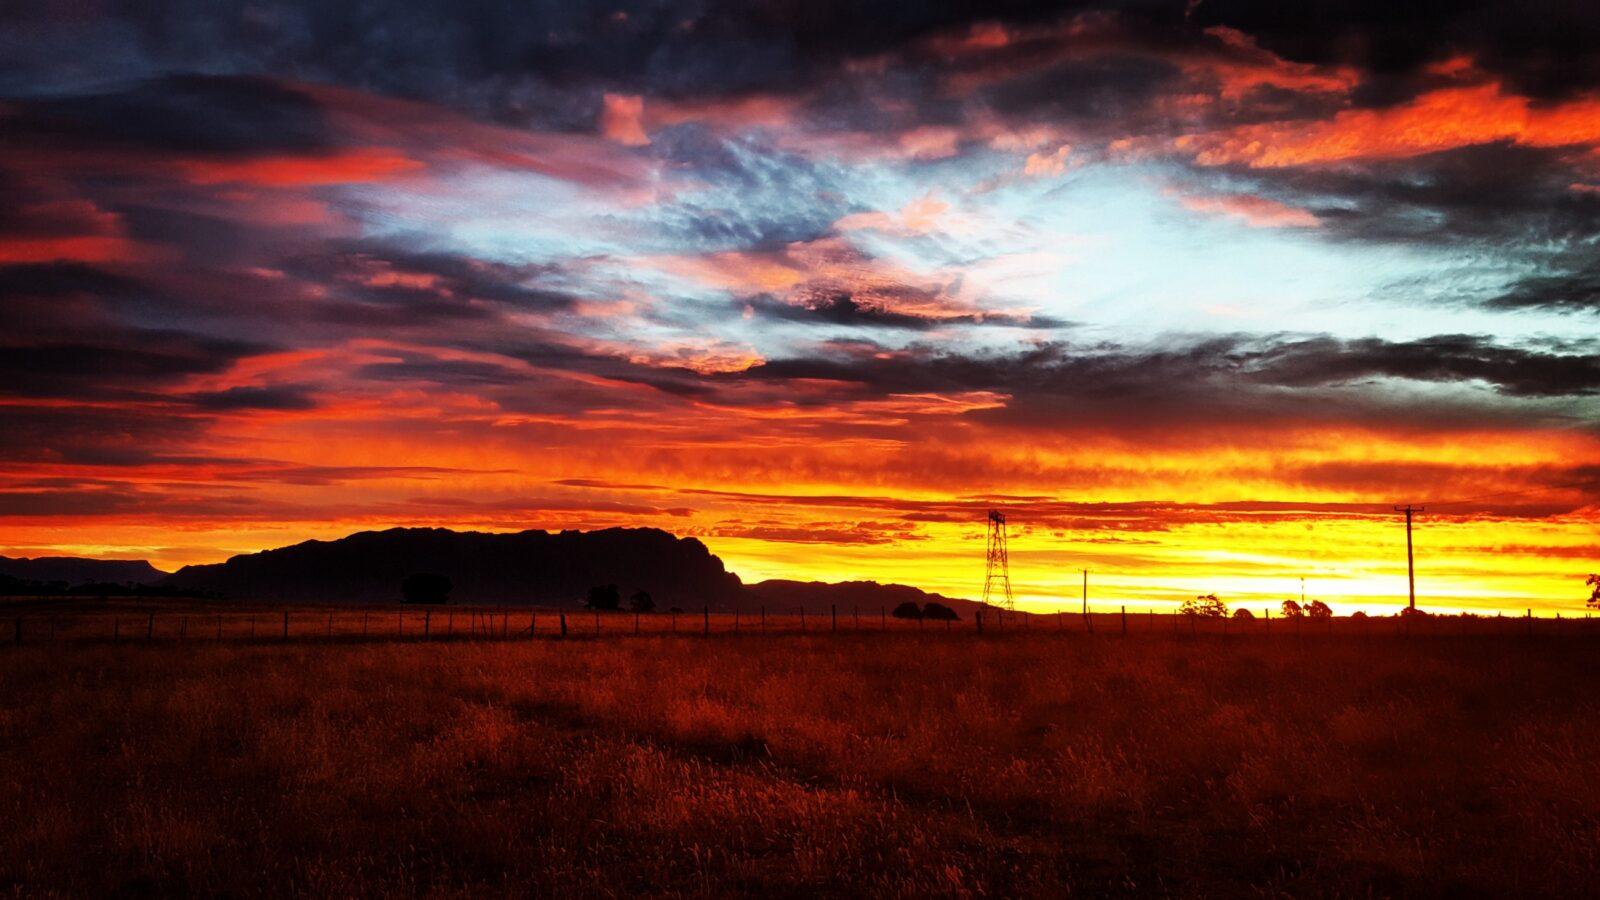 Stunning sunset photo across Mount Roland in Tasmania